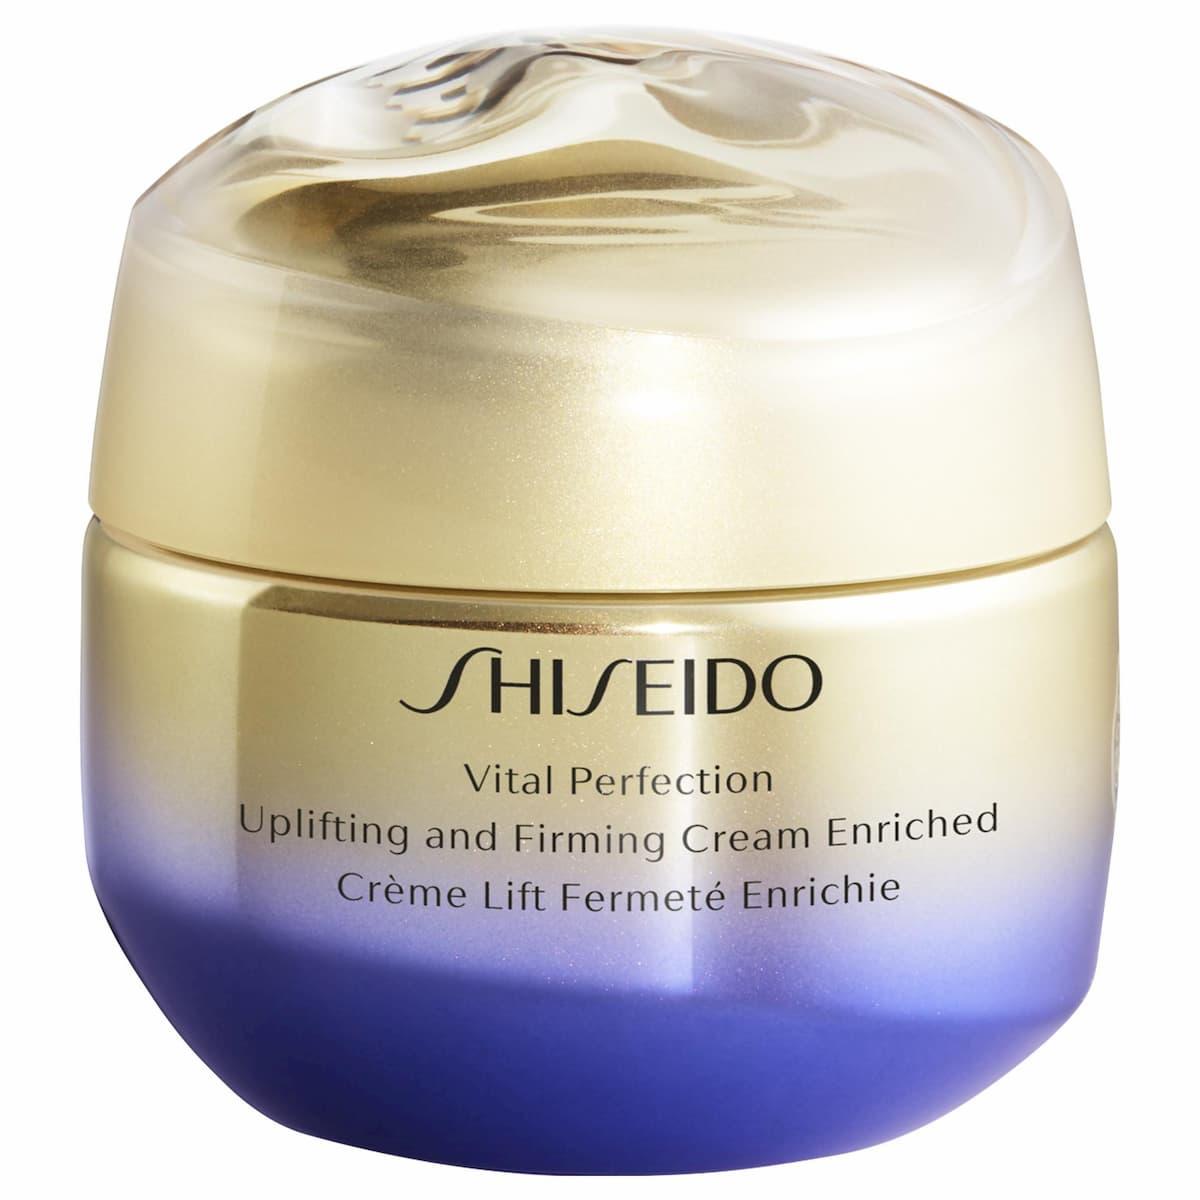 Vital Perfection Crème Lift Fermeté Enrichie - Shiseido